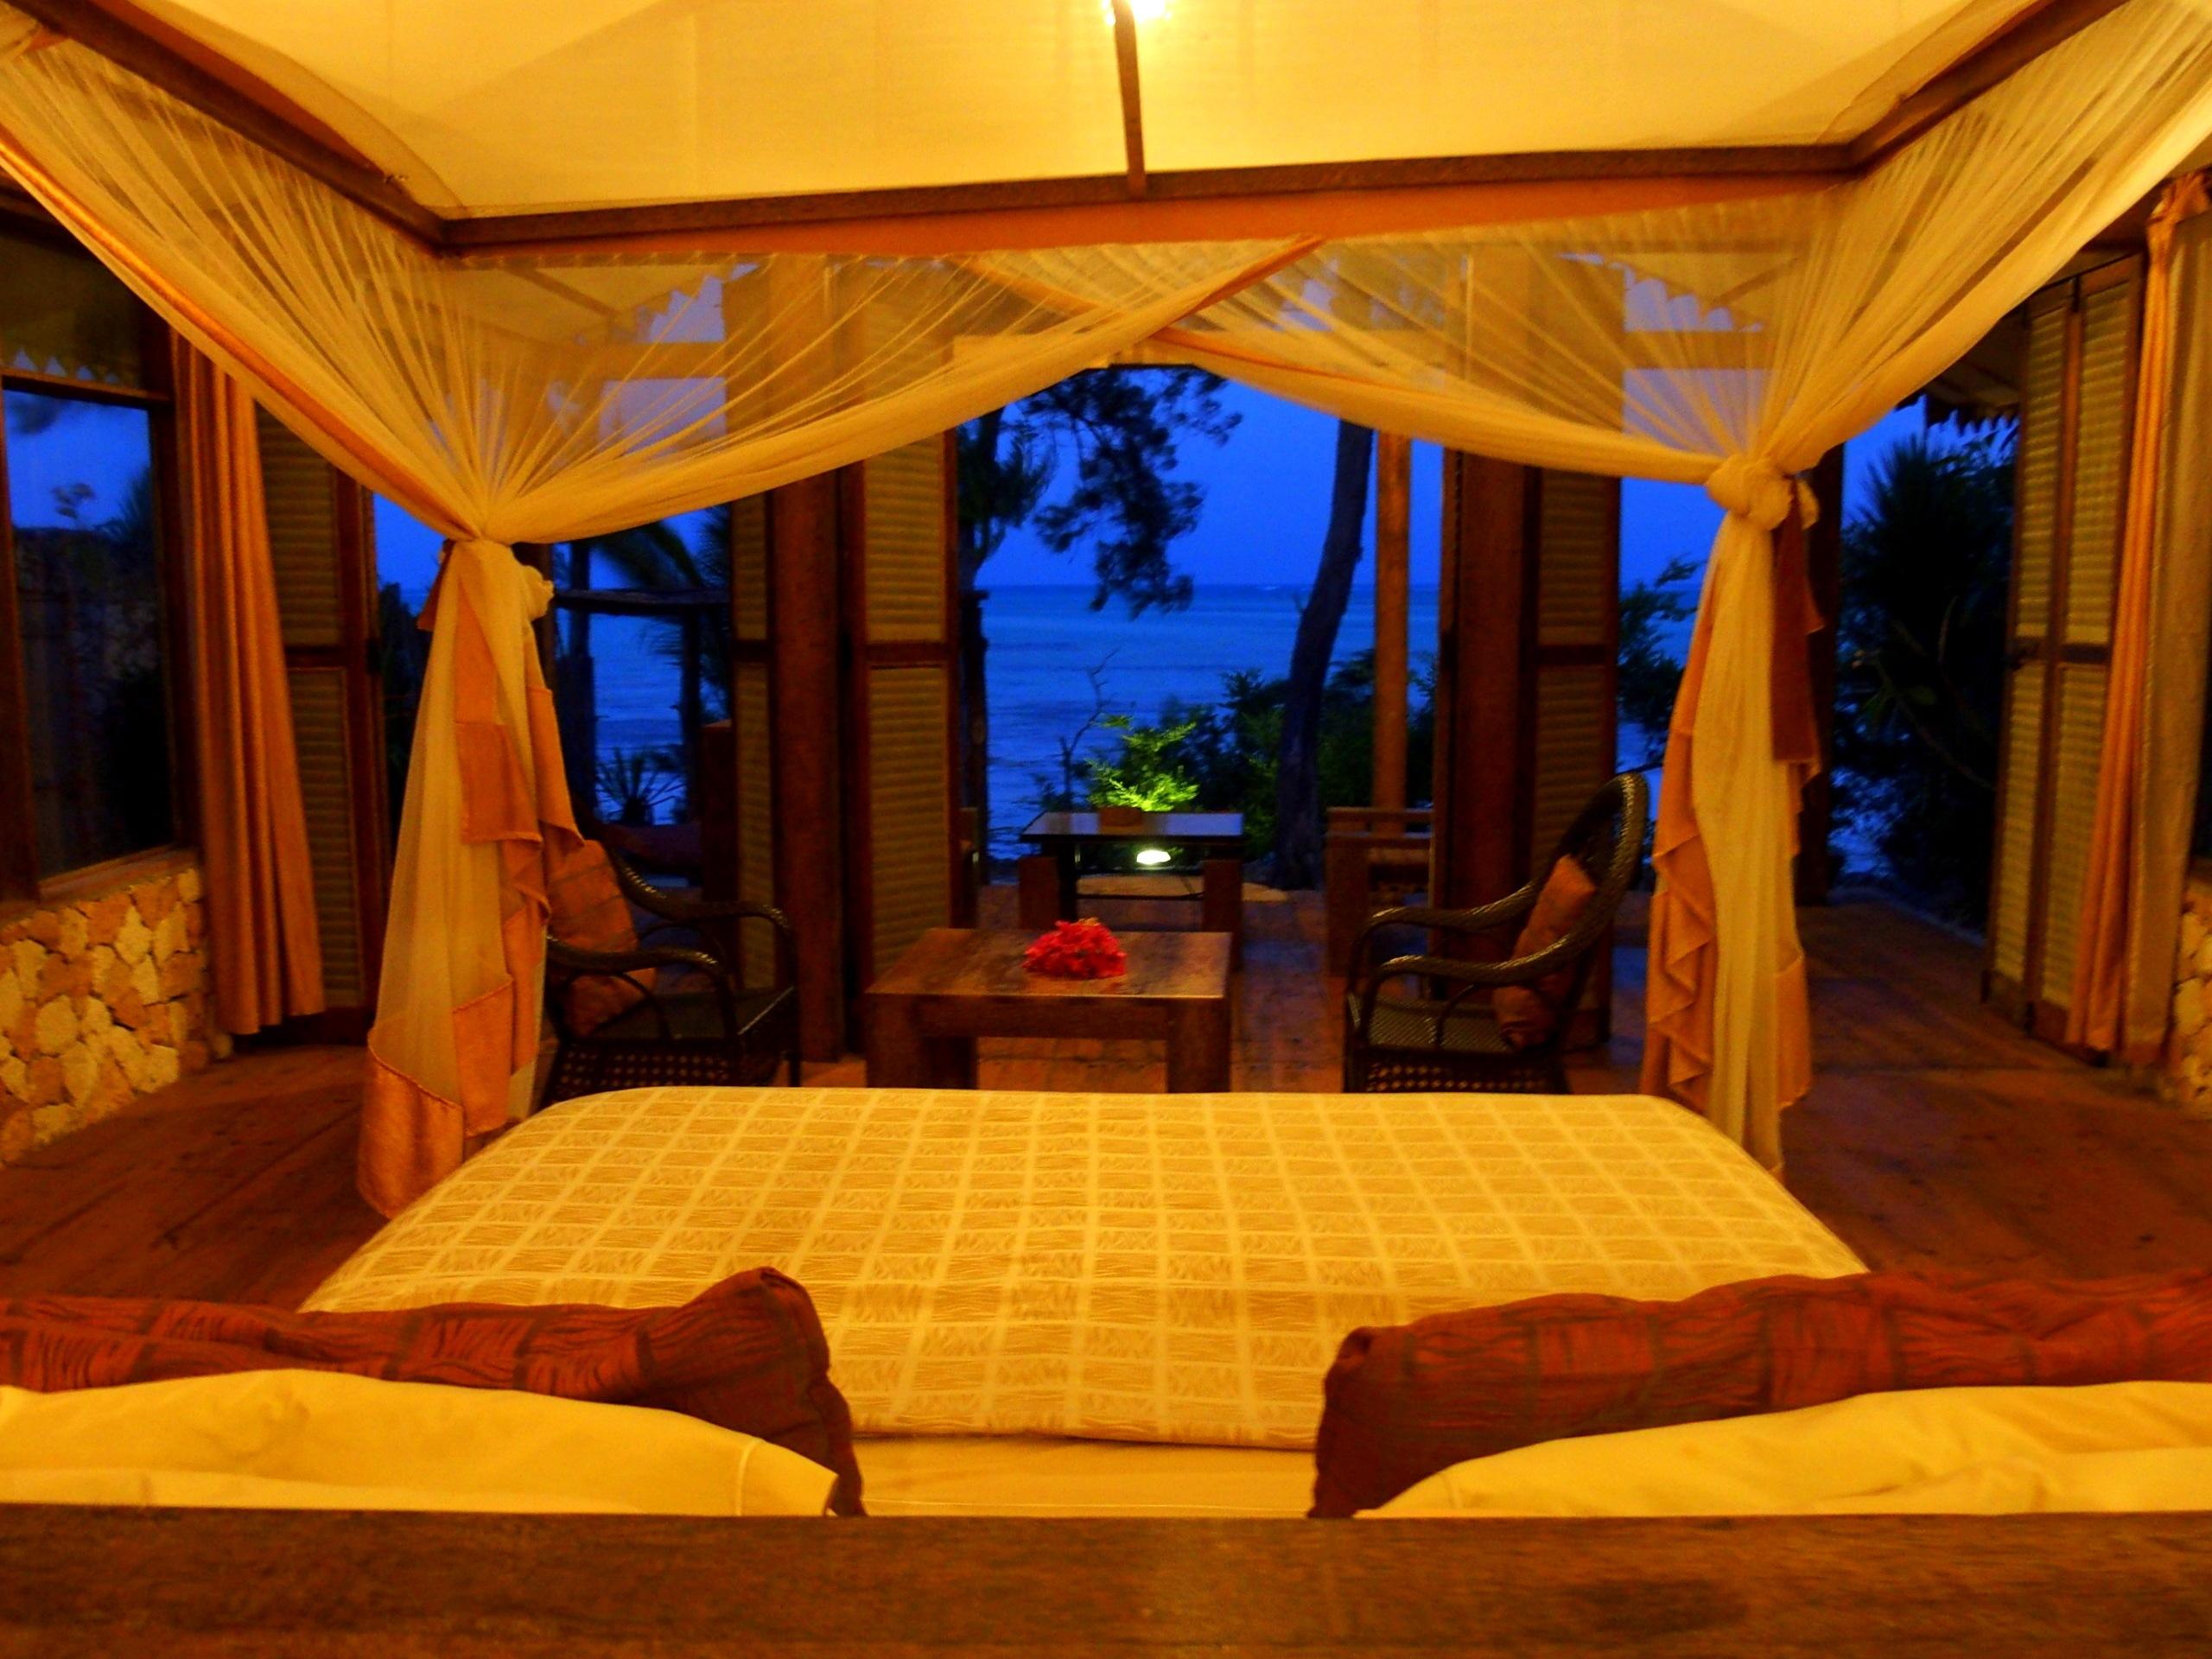 Fin de journée dans chambre avec vue sur océan indien au Seasons lodge à Zanzibar